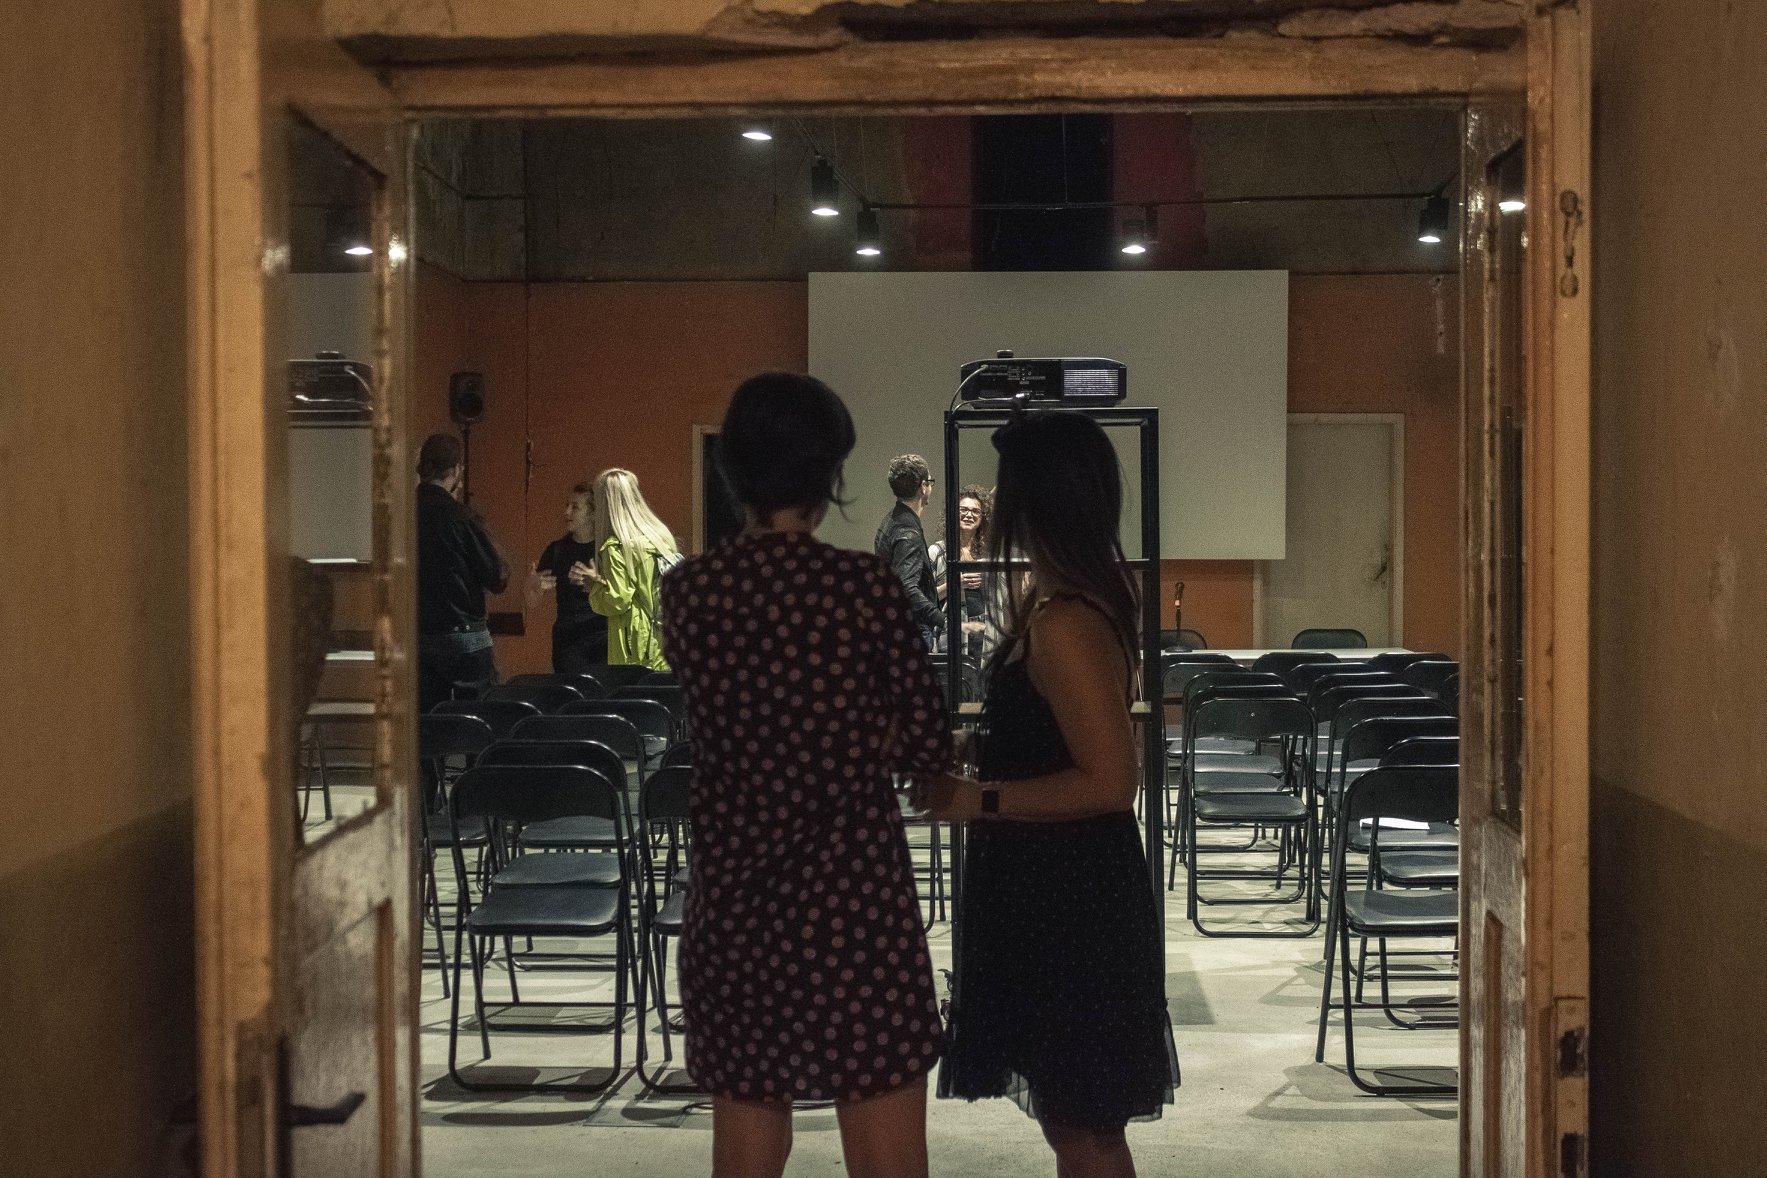 Anri Sala: Take Over